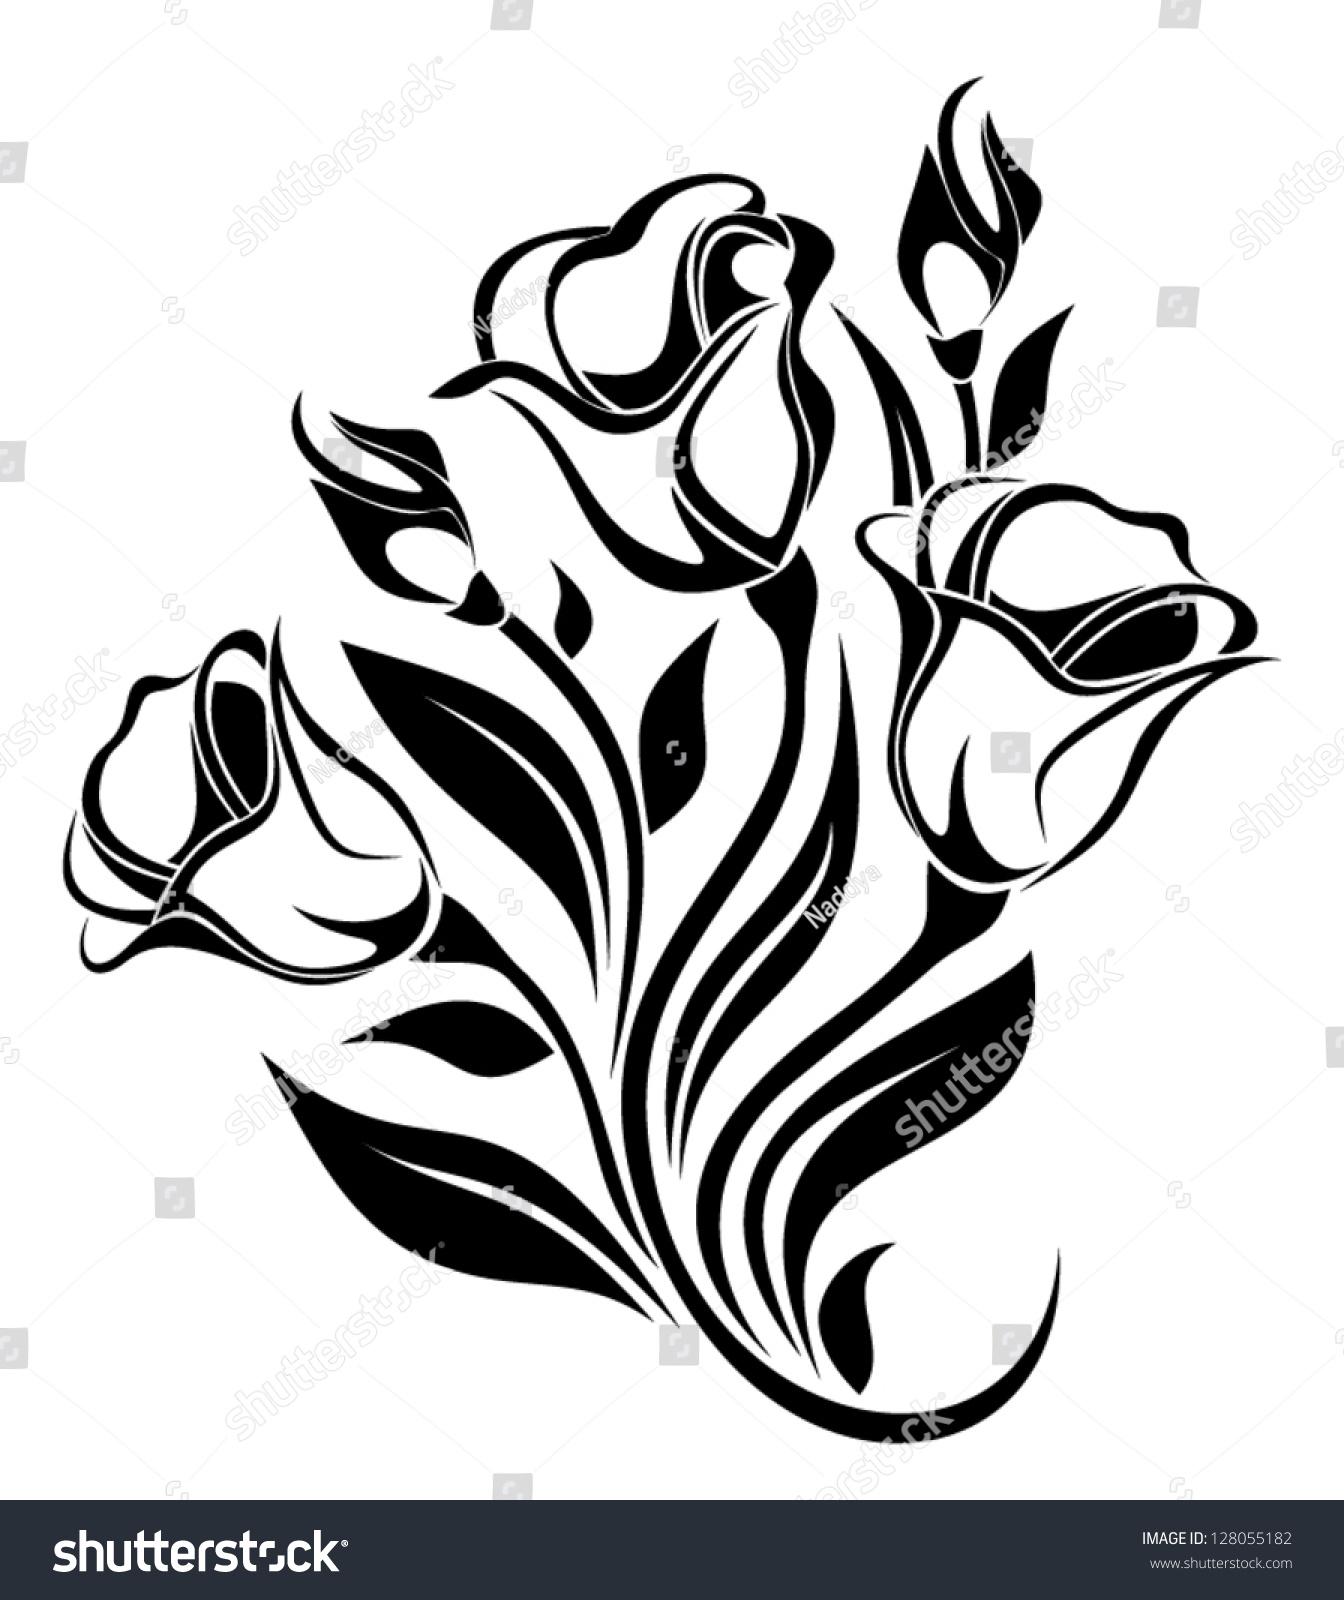 Black Flower Pattern Silhouette Stock Illustration: Black Silhouette Flowers Ornament Vector Illustration